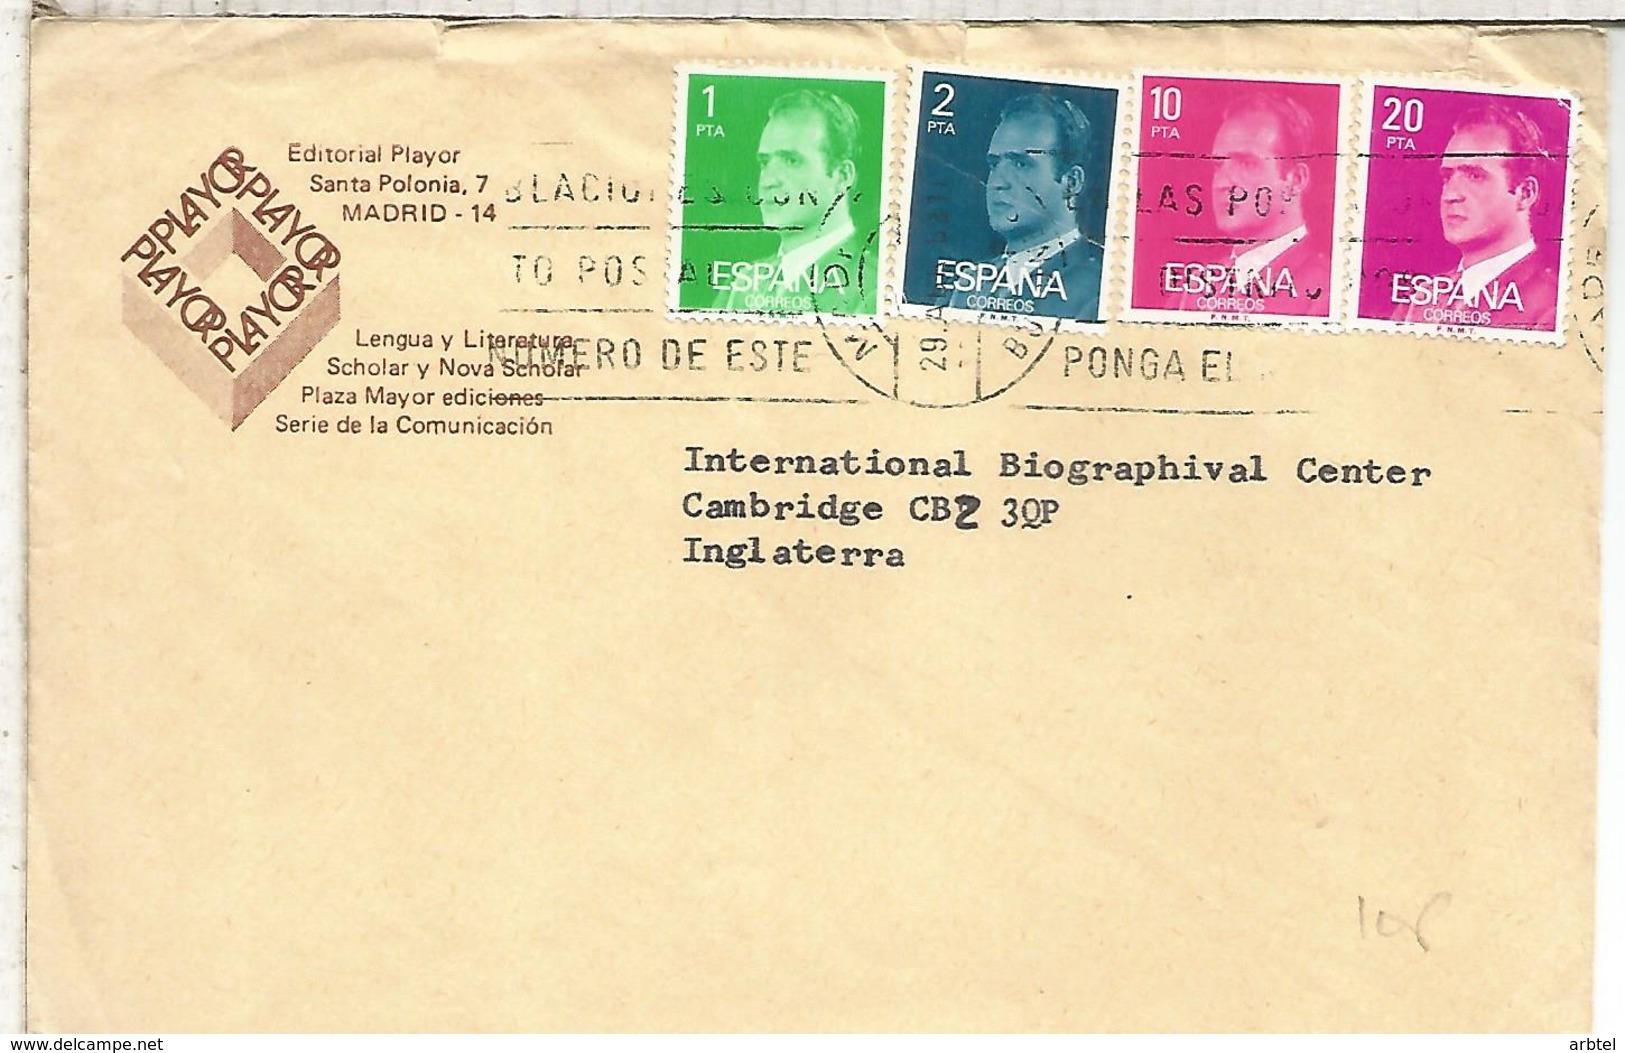 MADRID BUZONES CC SELLOS BASICA - 1981-90 Cartas